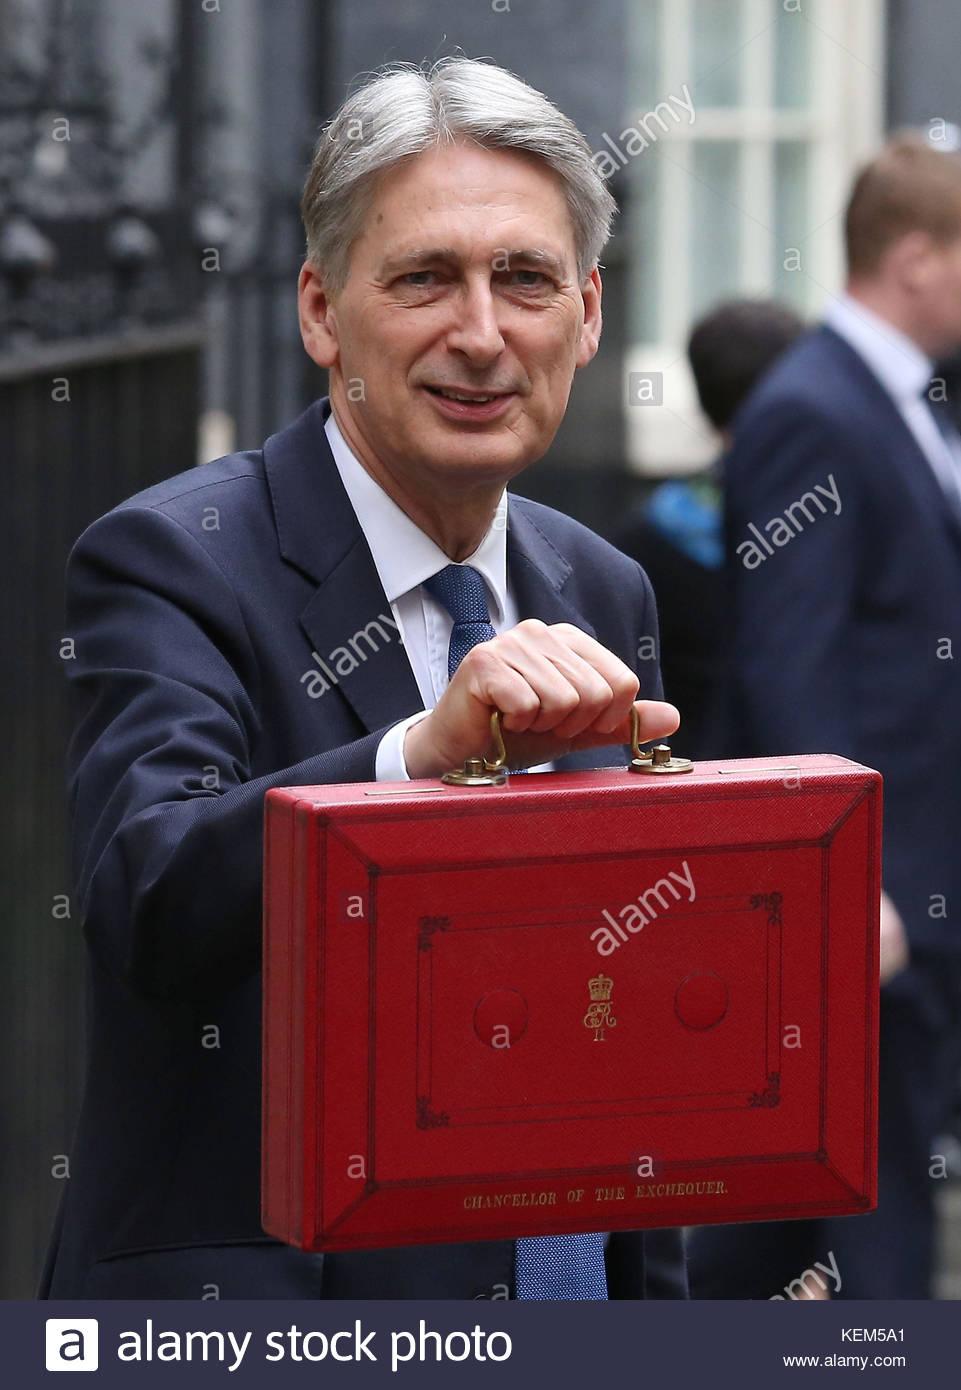 Embargo auf 0001 Montag, Oktober 23 Foto vom 08/03/17 Der Philip Hammond als die Regierung gedrängt, um Unternehmen Stockbild